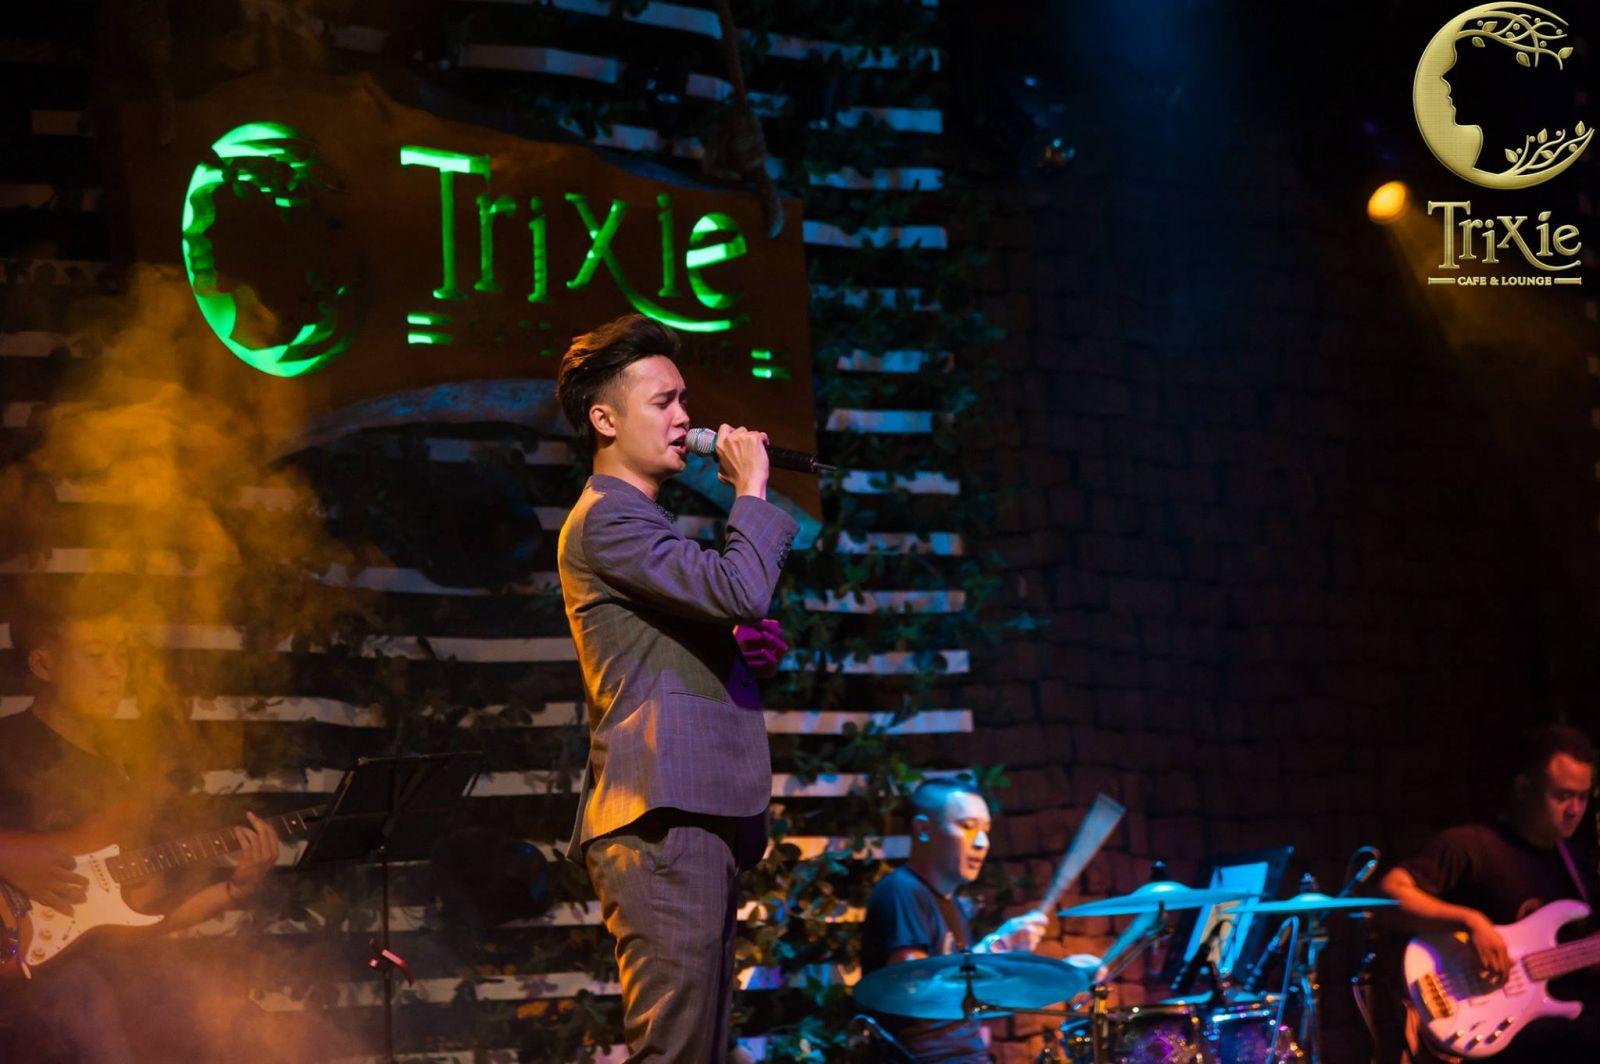 Trải nghiệm âm nhạc đa phong cách tại phòng trà nhạc sống Trixie